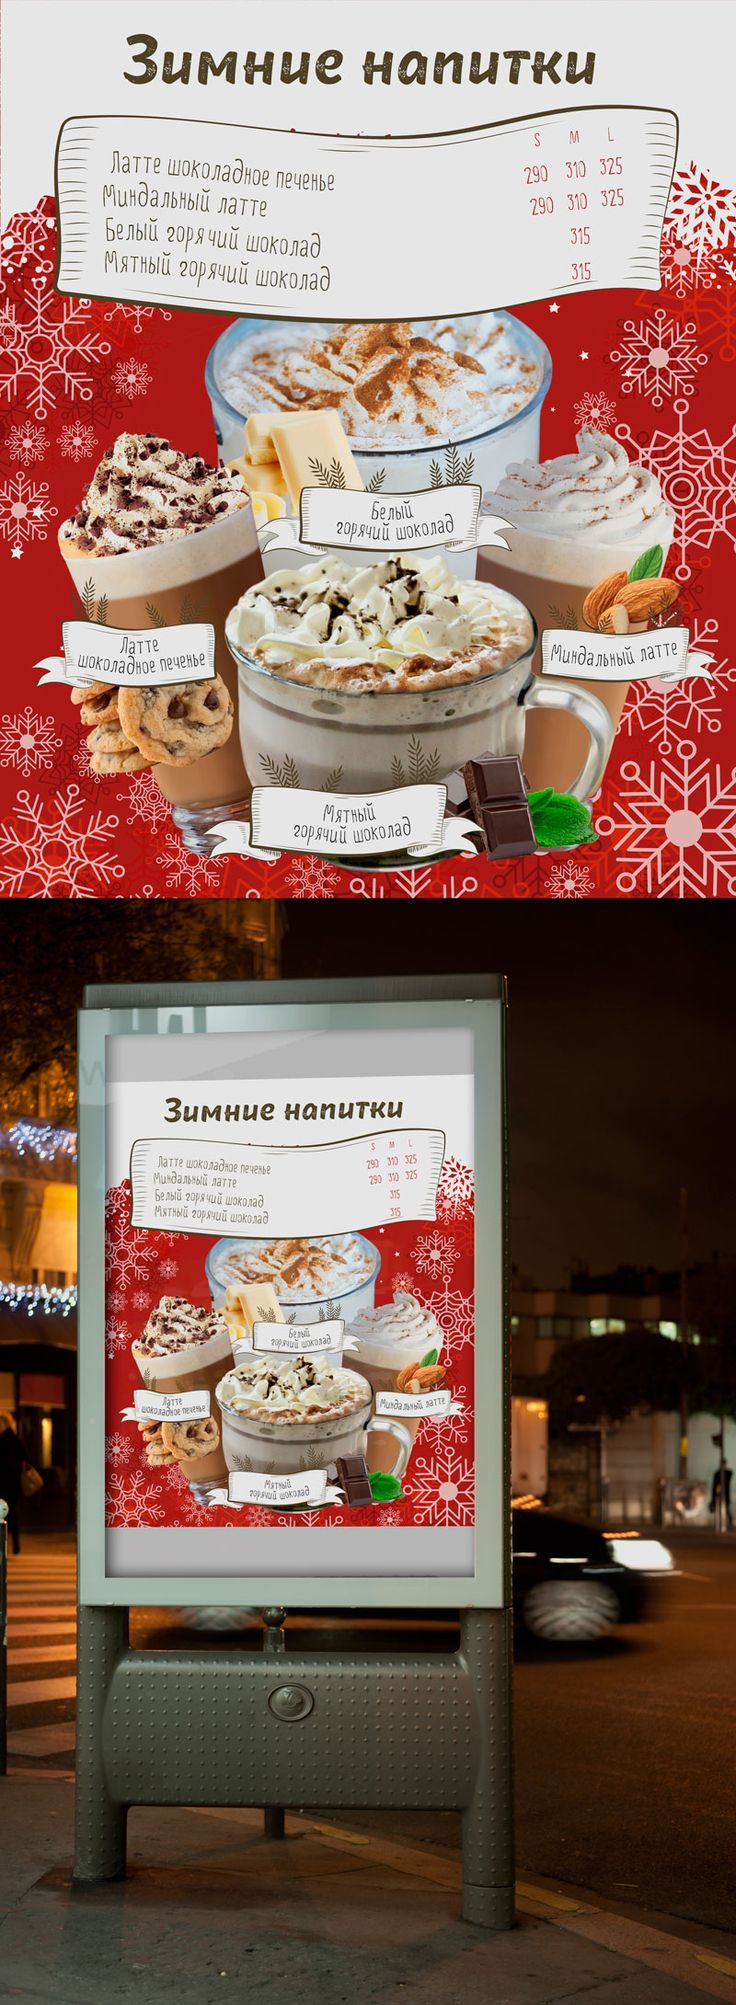 Постер для кафе с зимним предложением